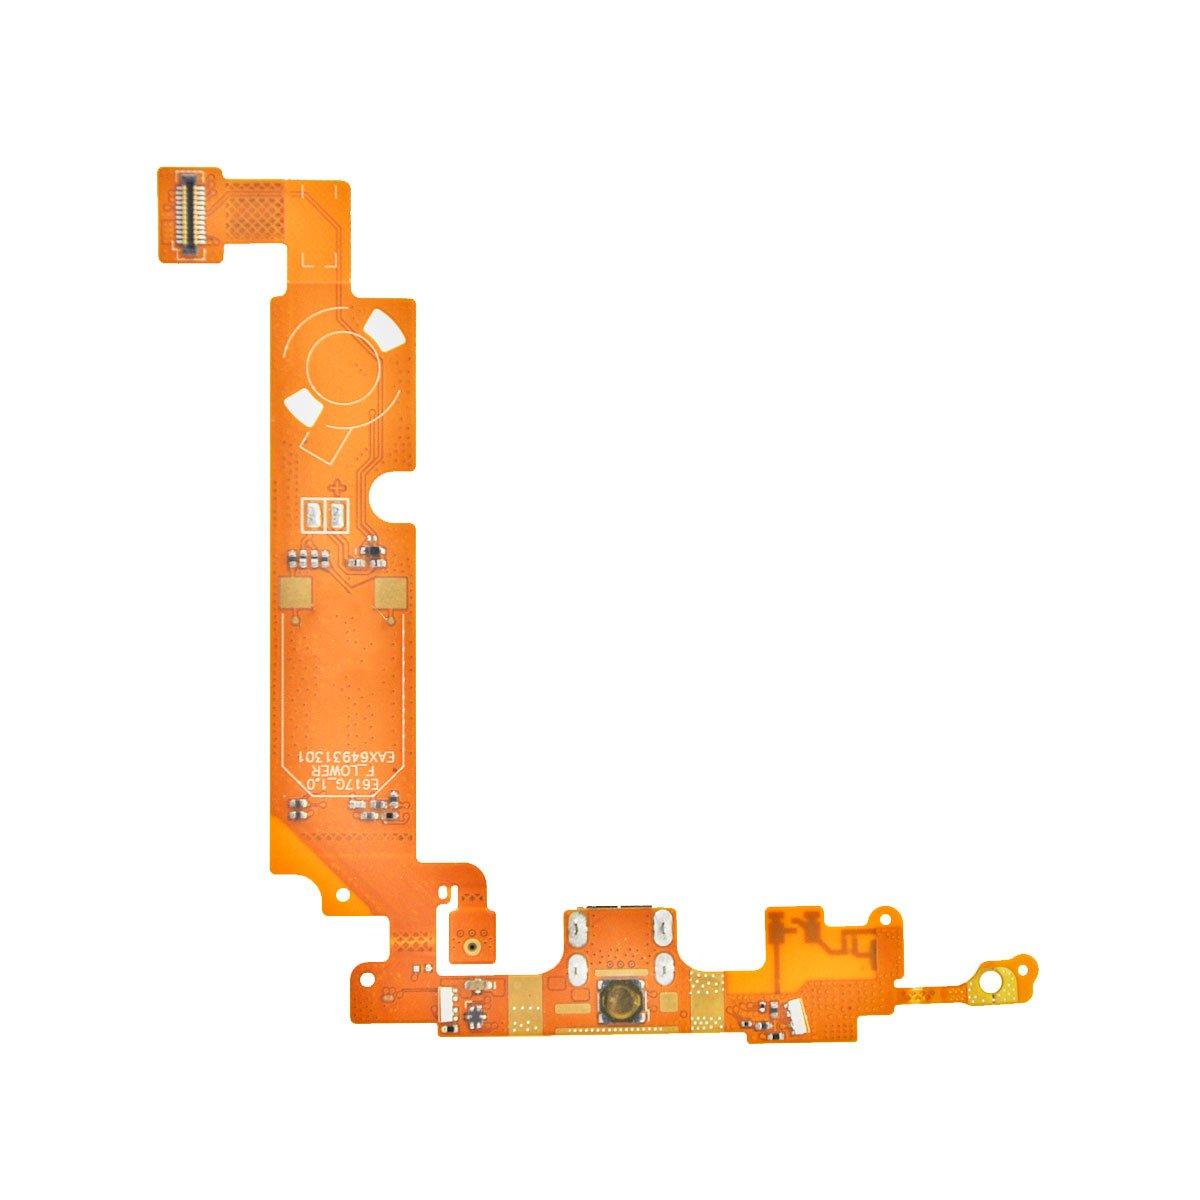 Шлейф для LG Optimus L5 Dual (E615) на системный разъем/микрофон/контакты вибромотор/антенны